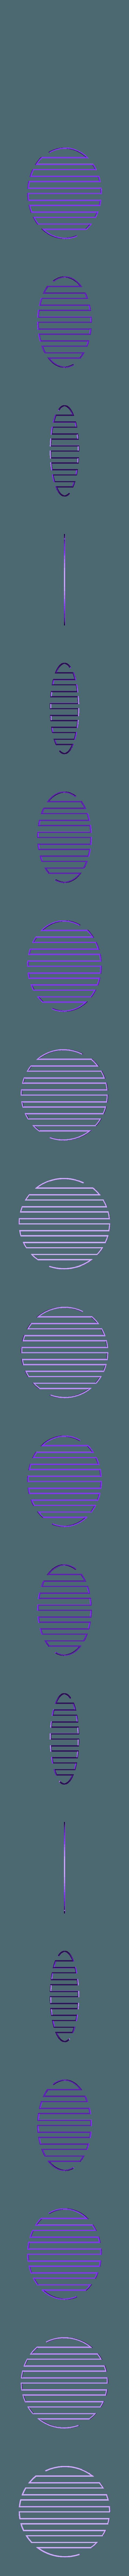 nivelacion rostock max v3.STL Télécharger fichier STL gratuit Test de calibrage Rostock Max V3 • Design à imprimer en 3D, DanielDGuevara